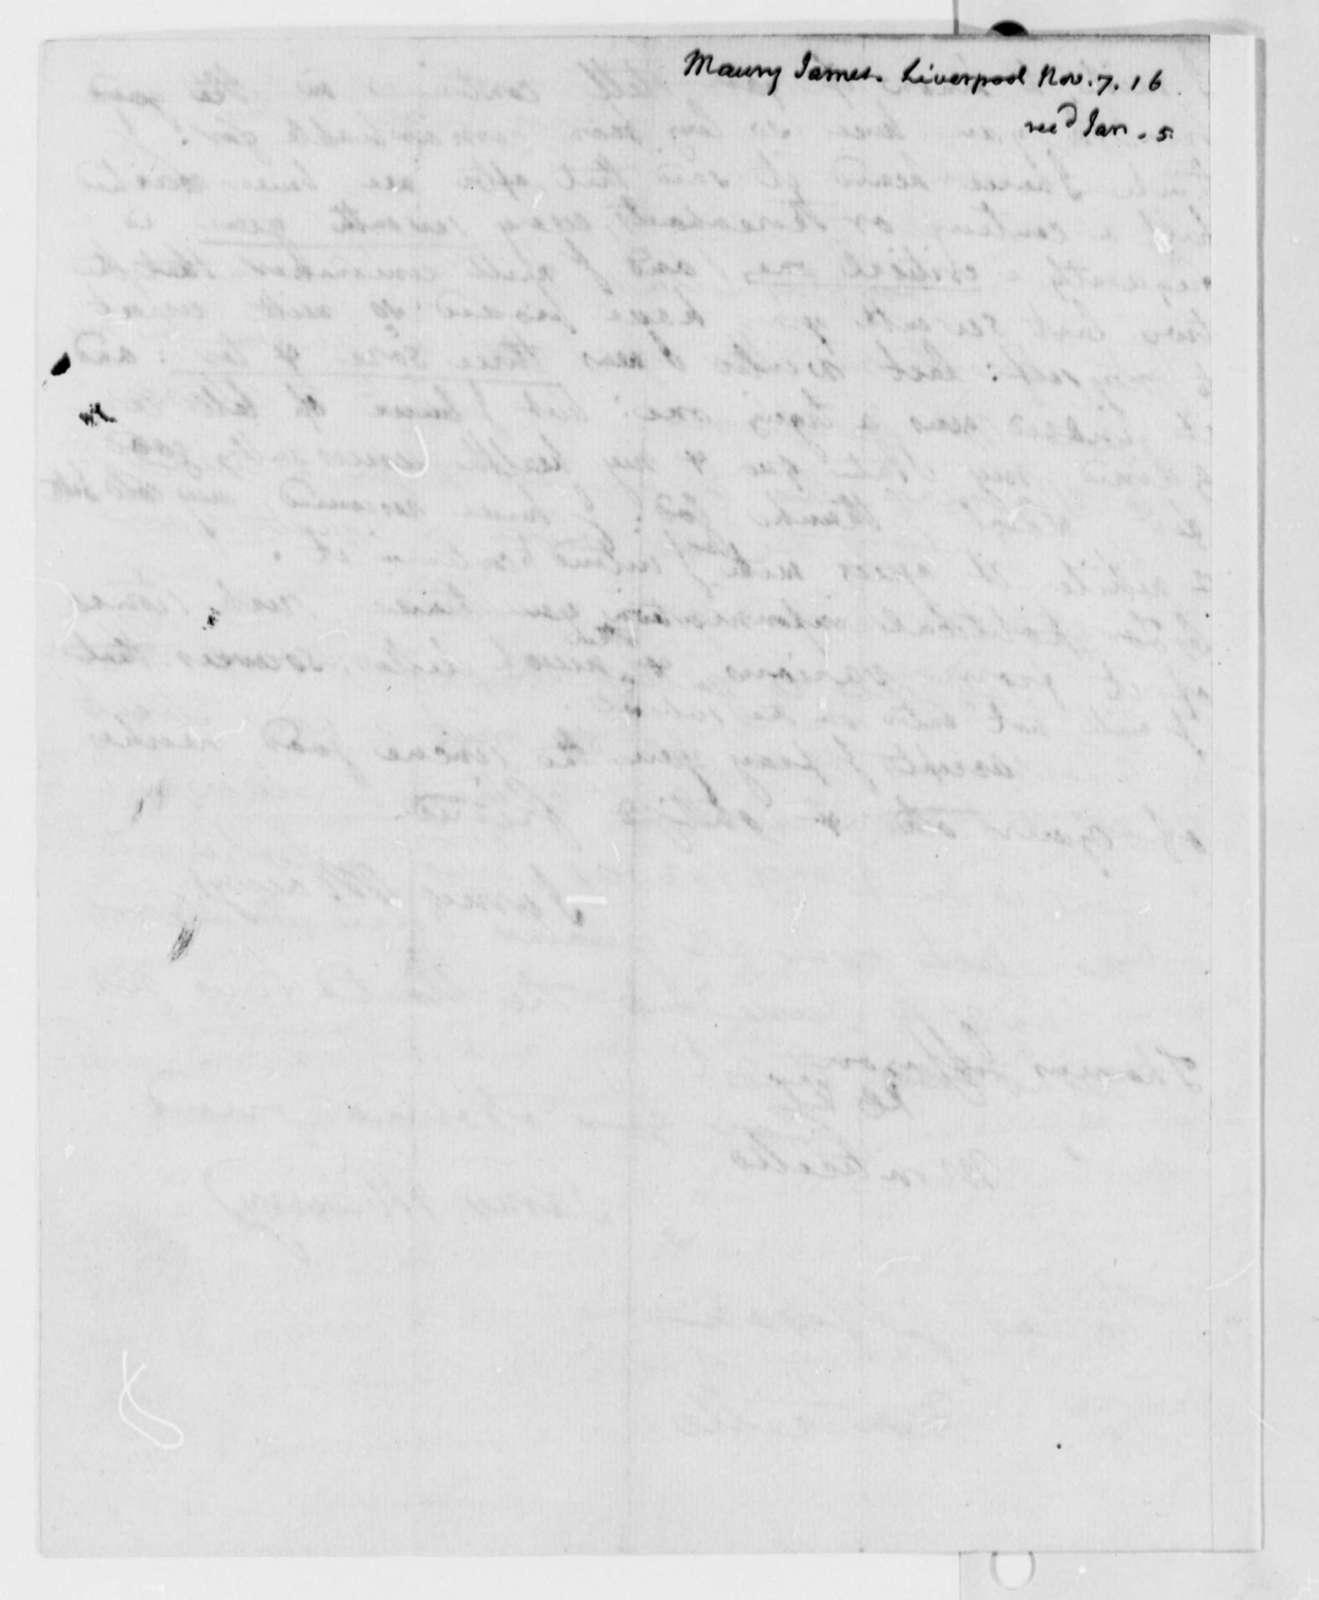 James Maury to Thomas Jefferson, November 7, 1816